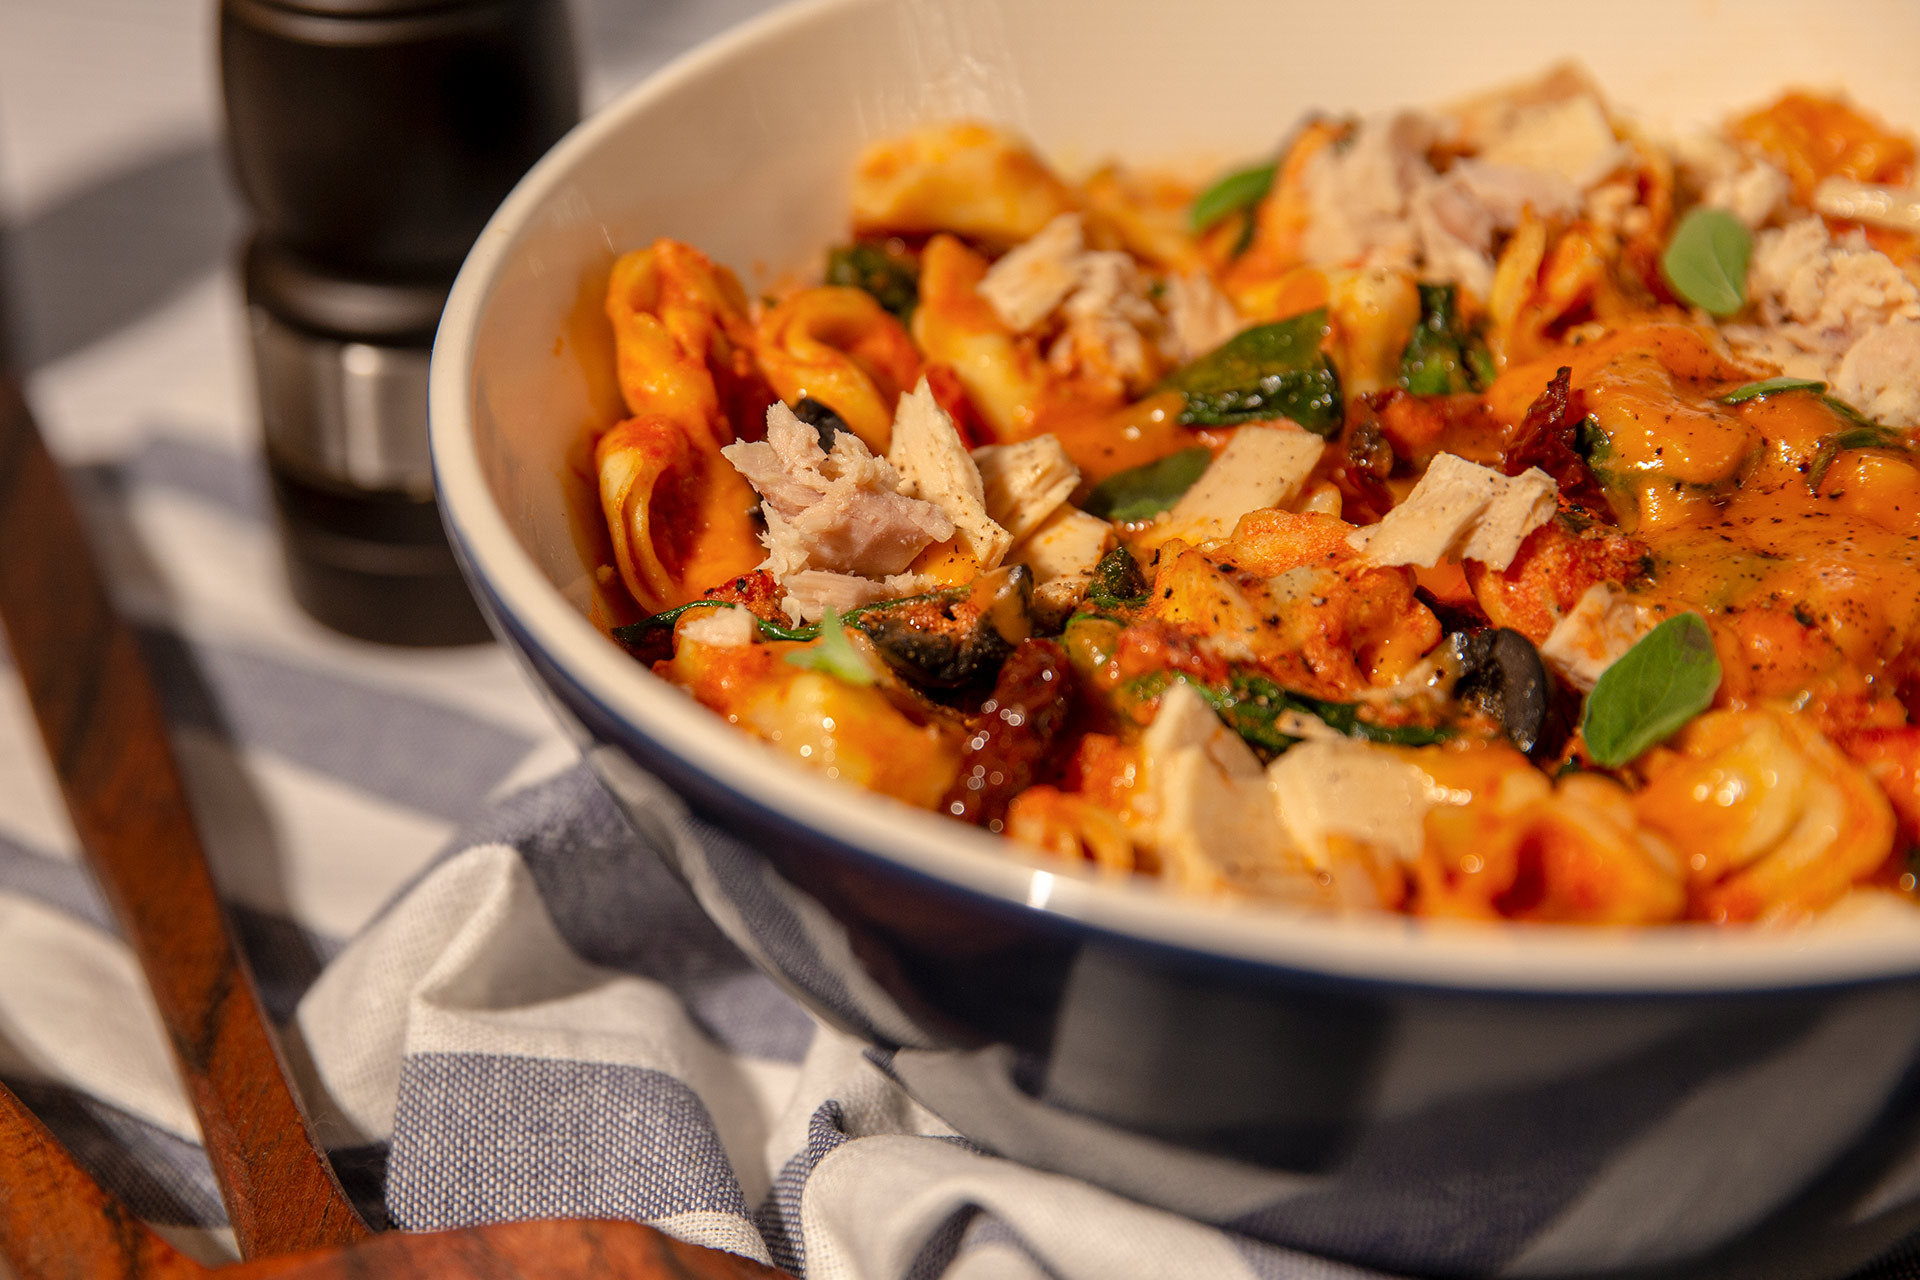 Valentine's Day Dinner: Creamy Tuna Tortellini Pasta